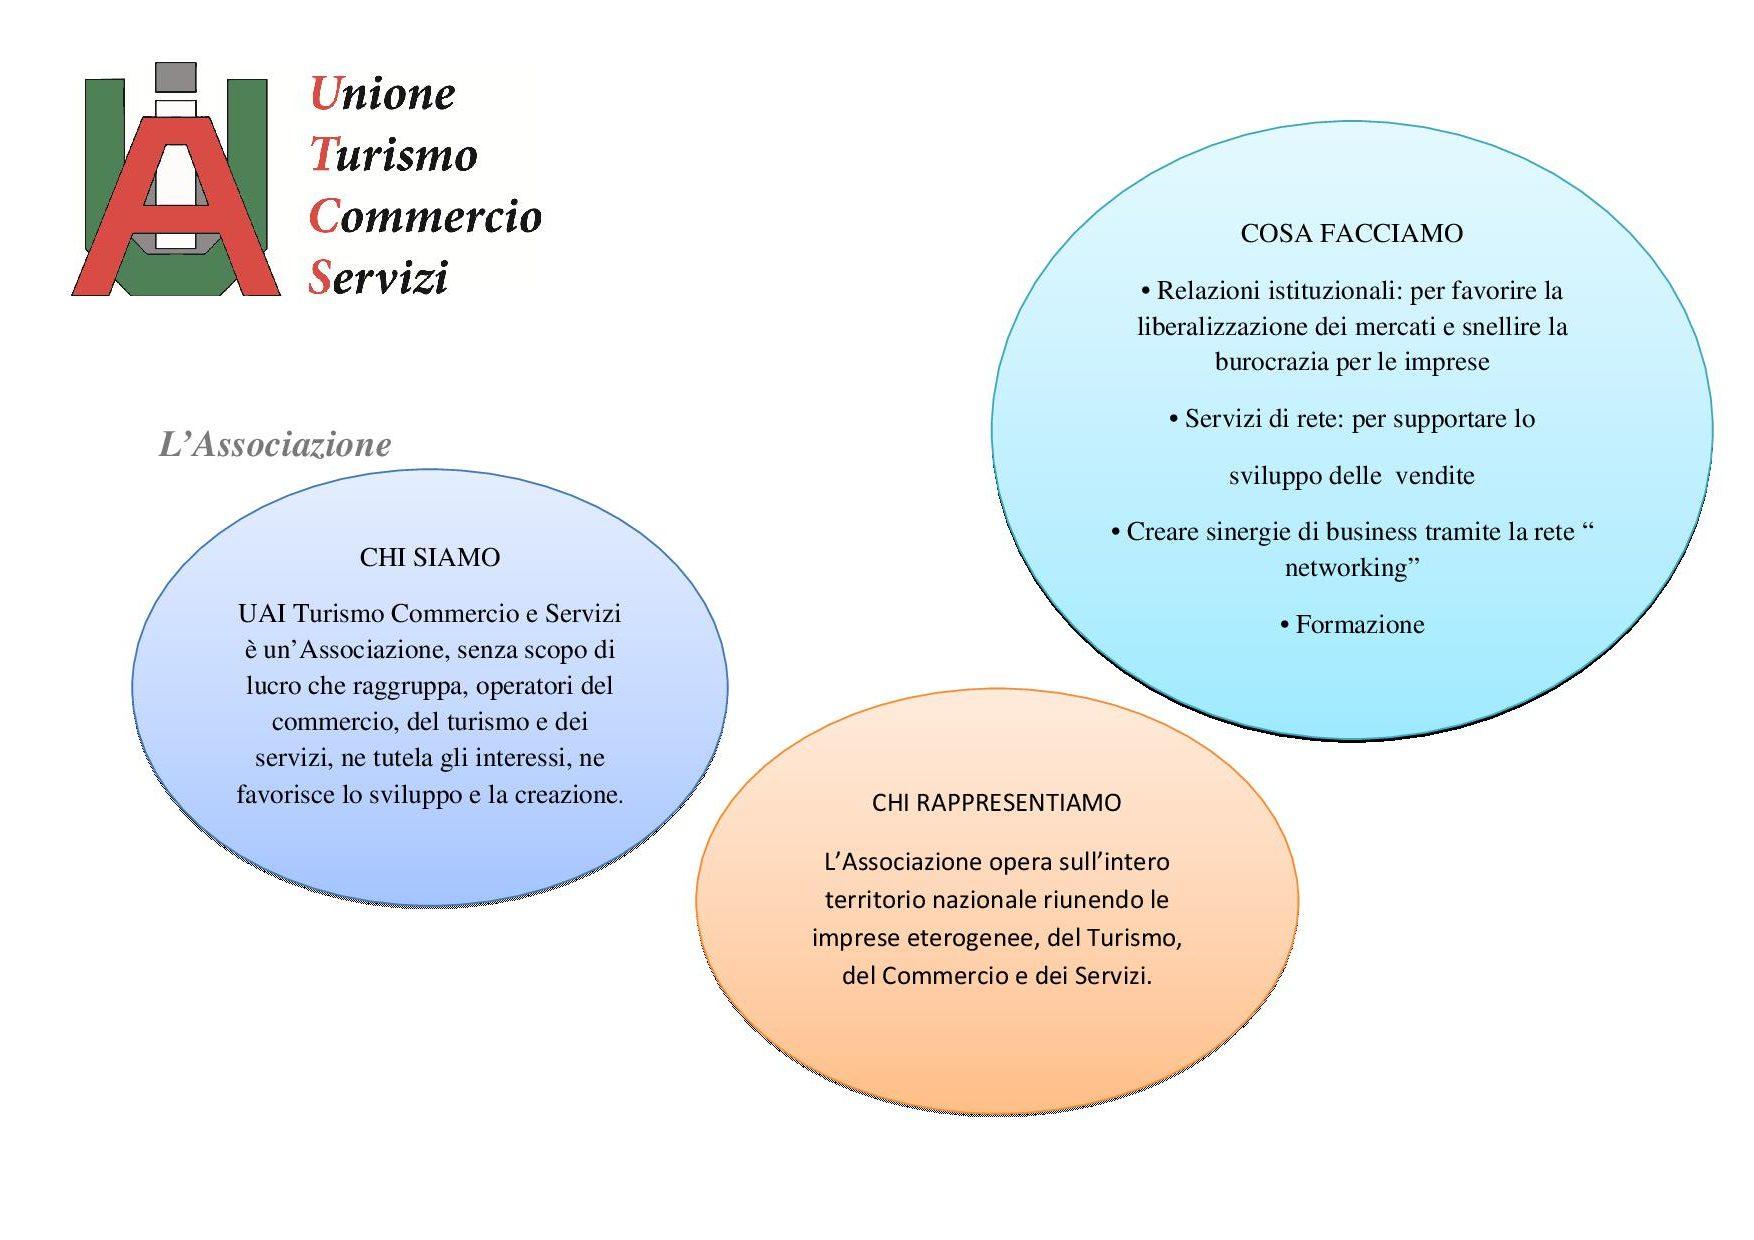 sito web uai terziario11